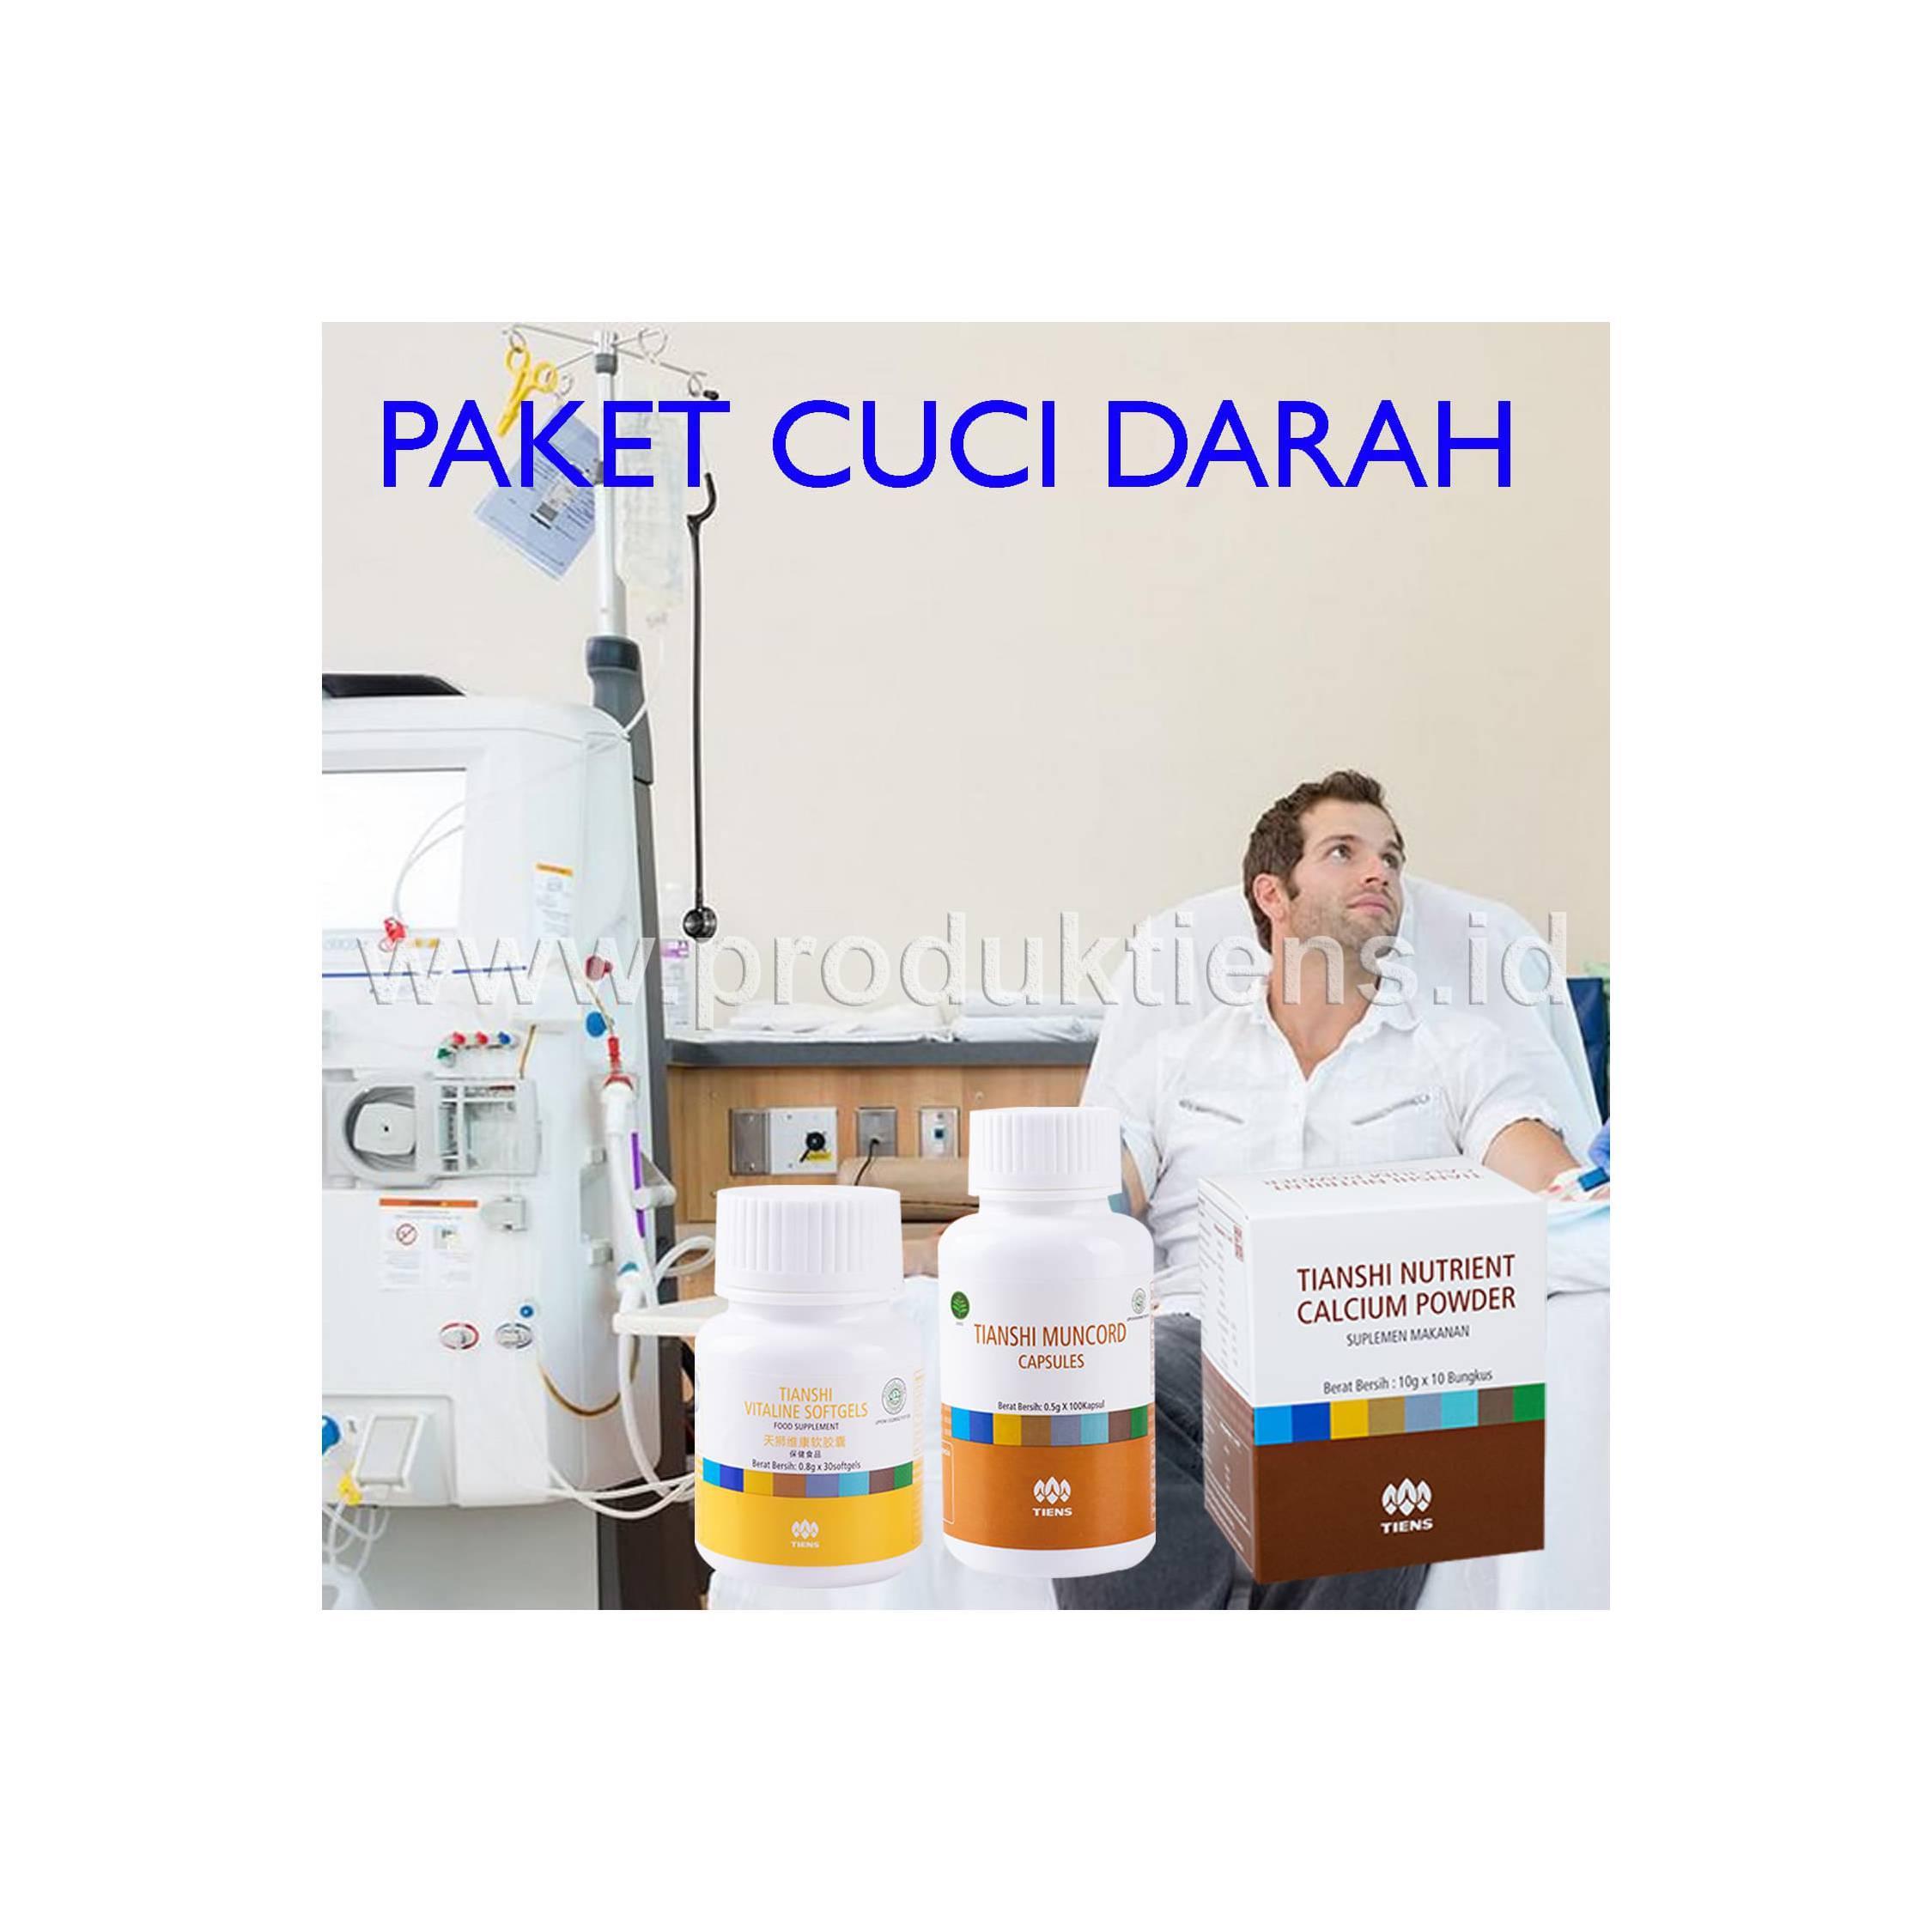 Paket Cuci Darah Setelah Hemodialisis Herbal Tiens Tianshi